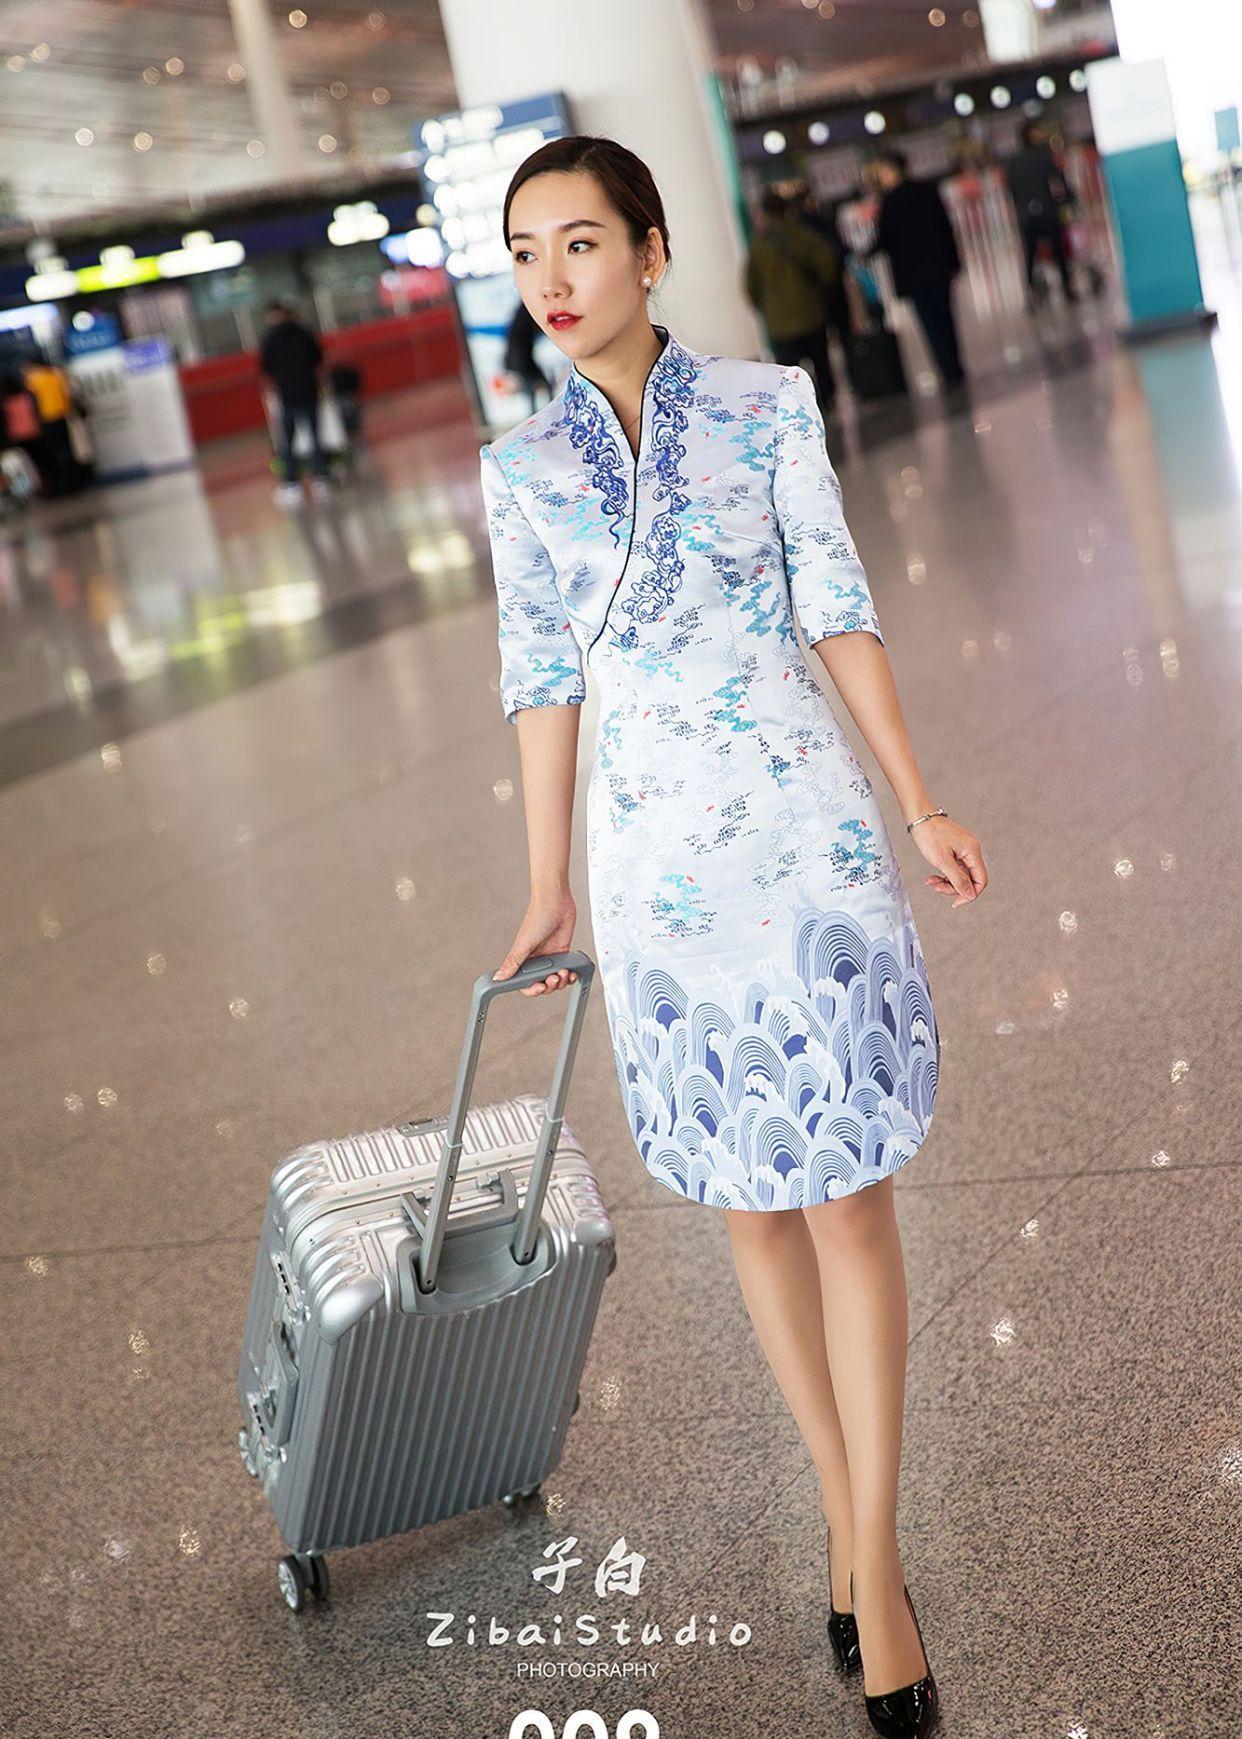 空姐的青花瓷旗袍写真集:身材颜值都在线!